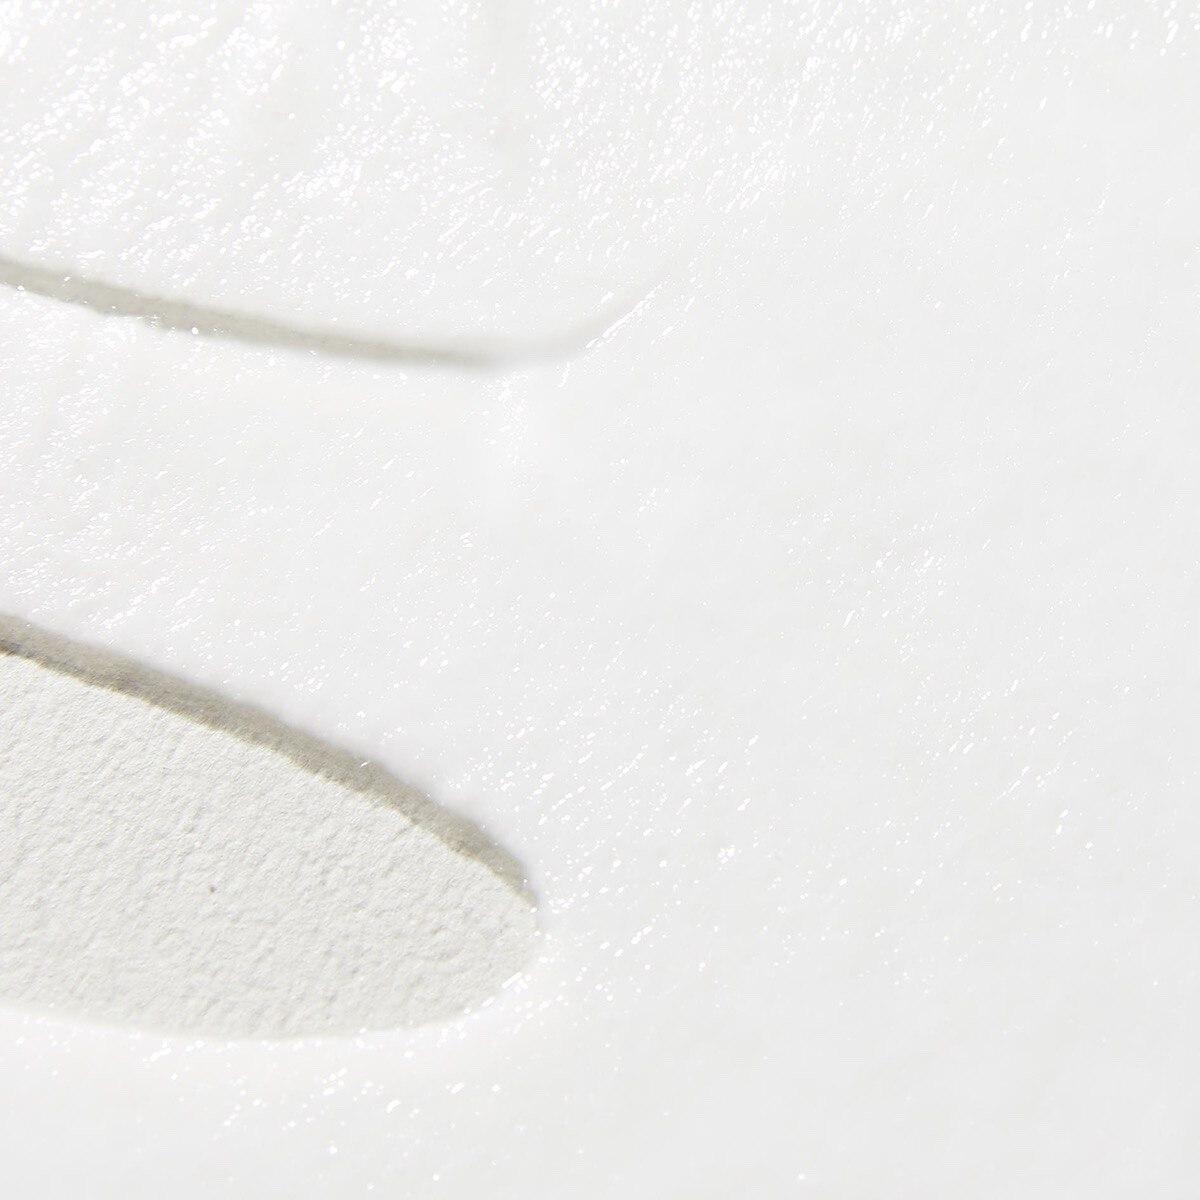 シカケアラインから美白ケア?! VT cosmetics『シカトーンアップマスク』をご紹介!に関する画像10